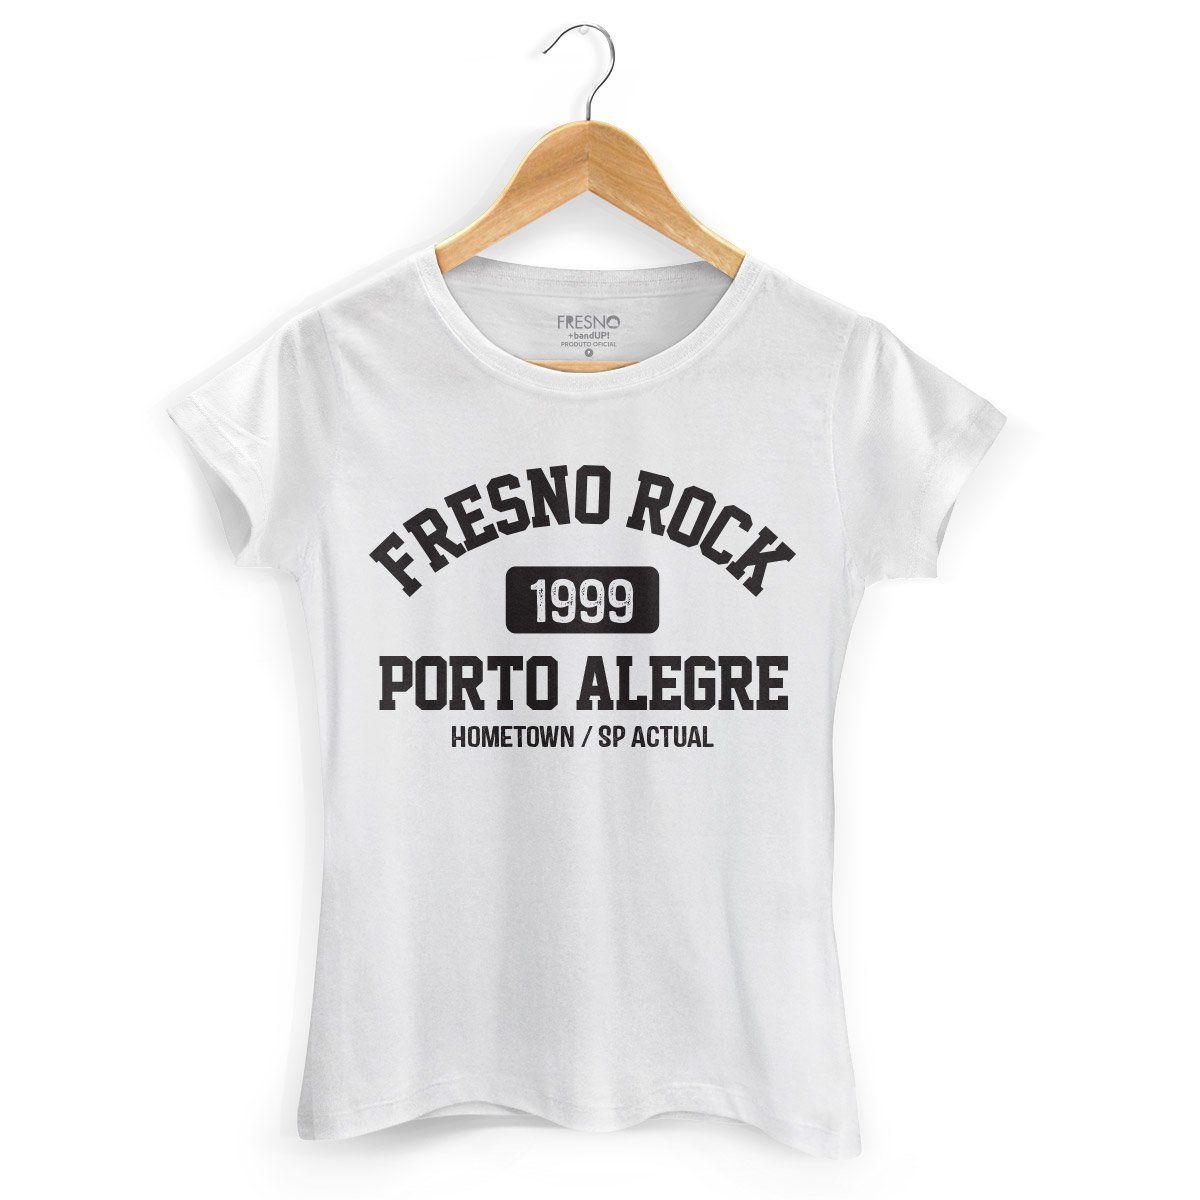 Camiseta Feminina Fresno Rock White